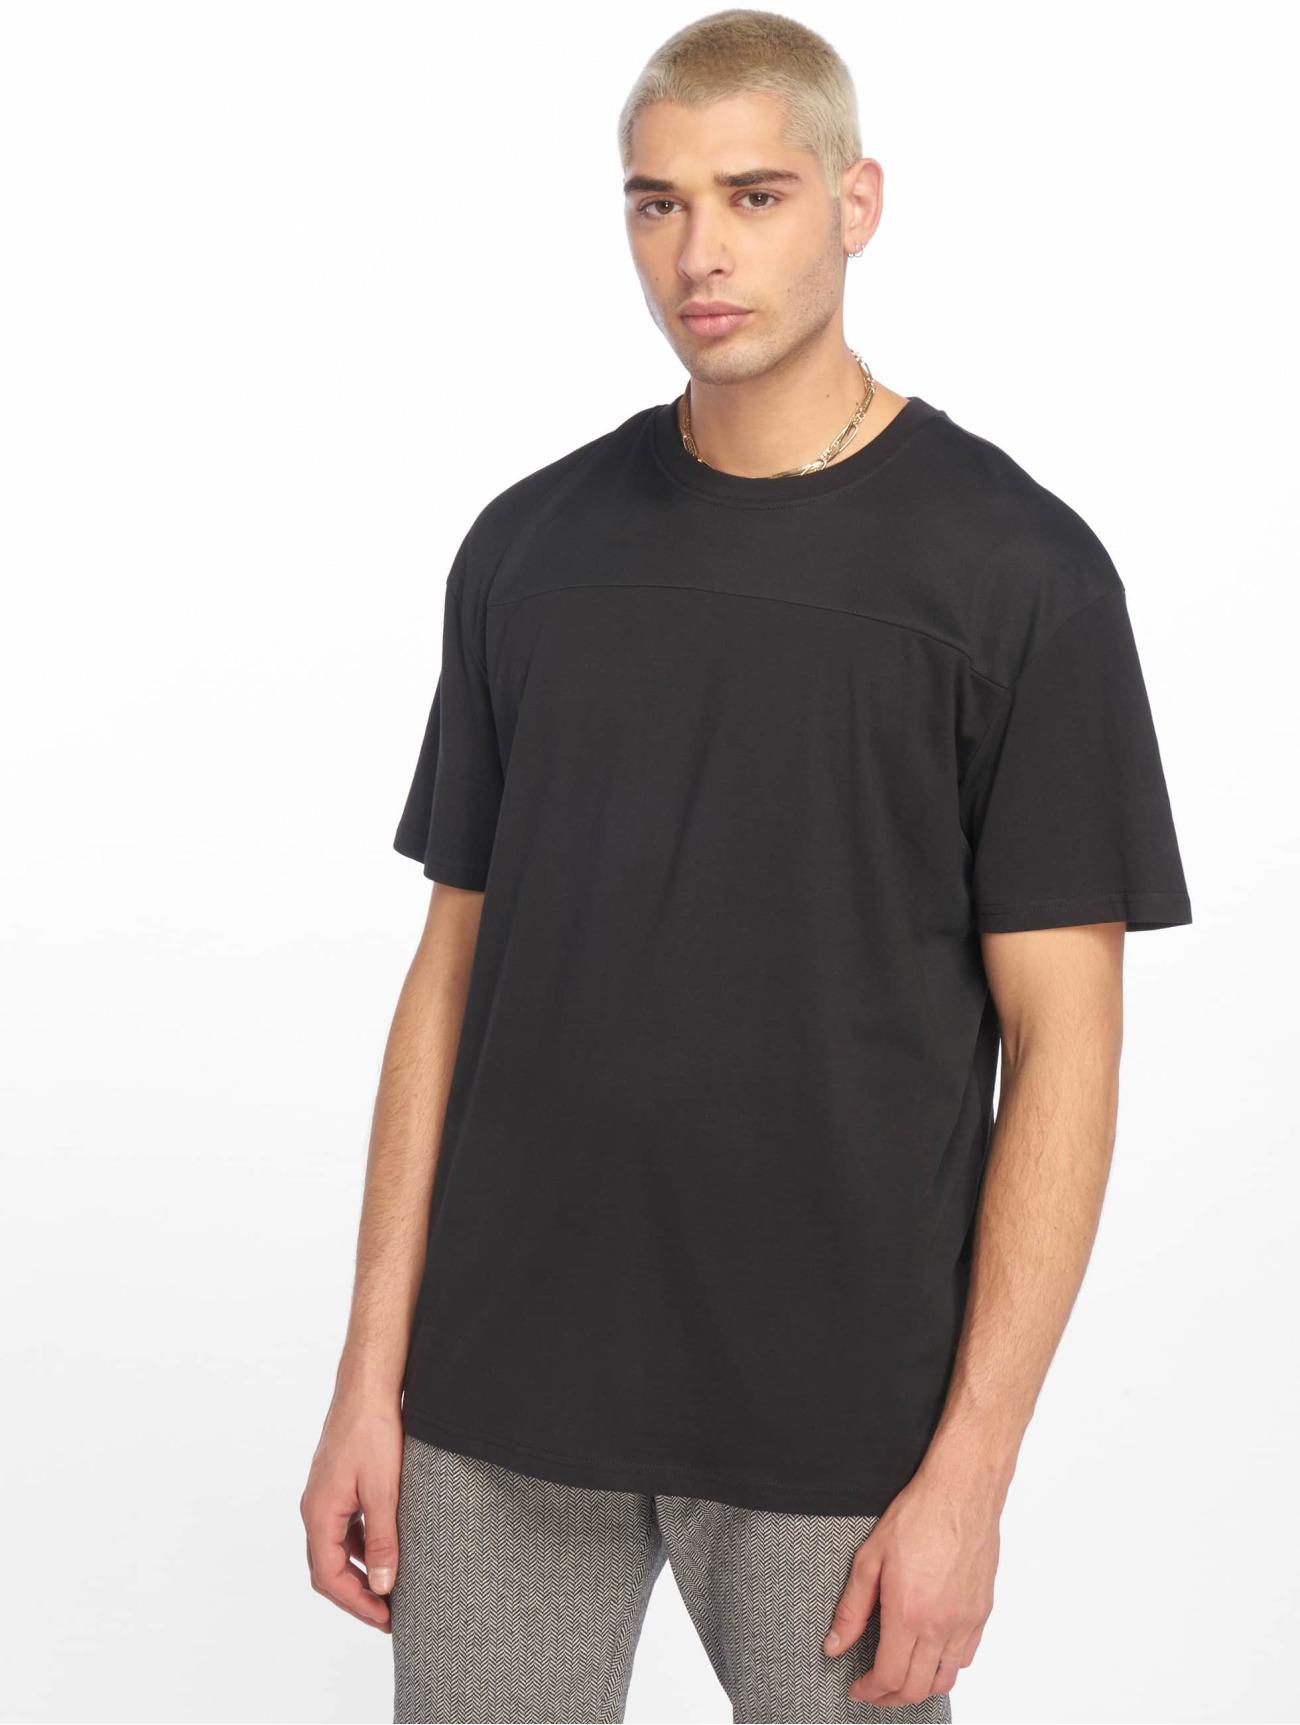 Urban Classics Överdel / T-shirt Mesh Panel i svart 636211 Män Överdelar